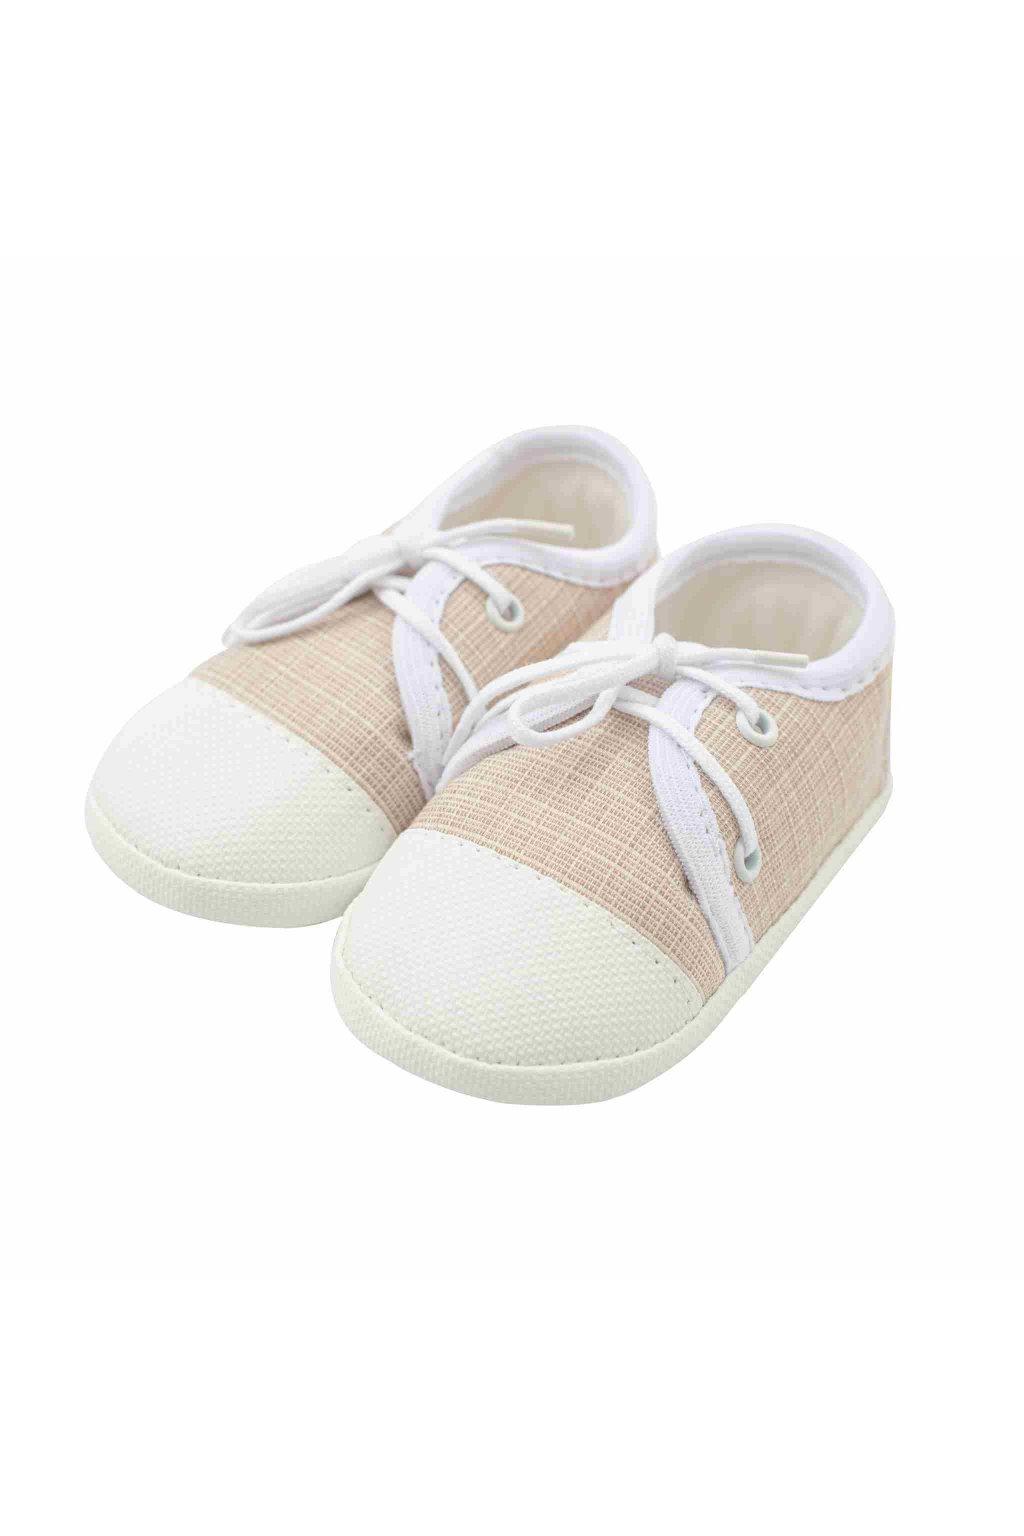 Dojčenské capačky tenisky New Baby jeans béžové 3-6 m